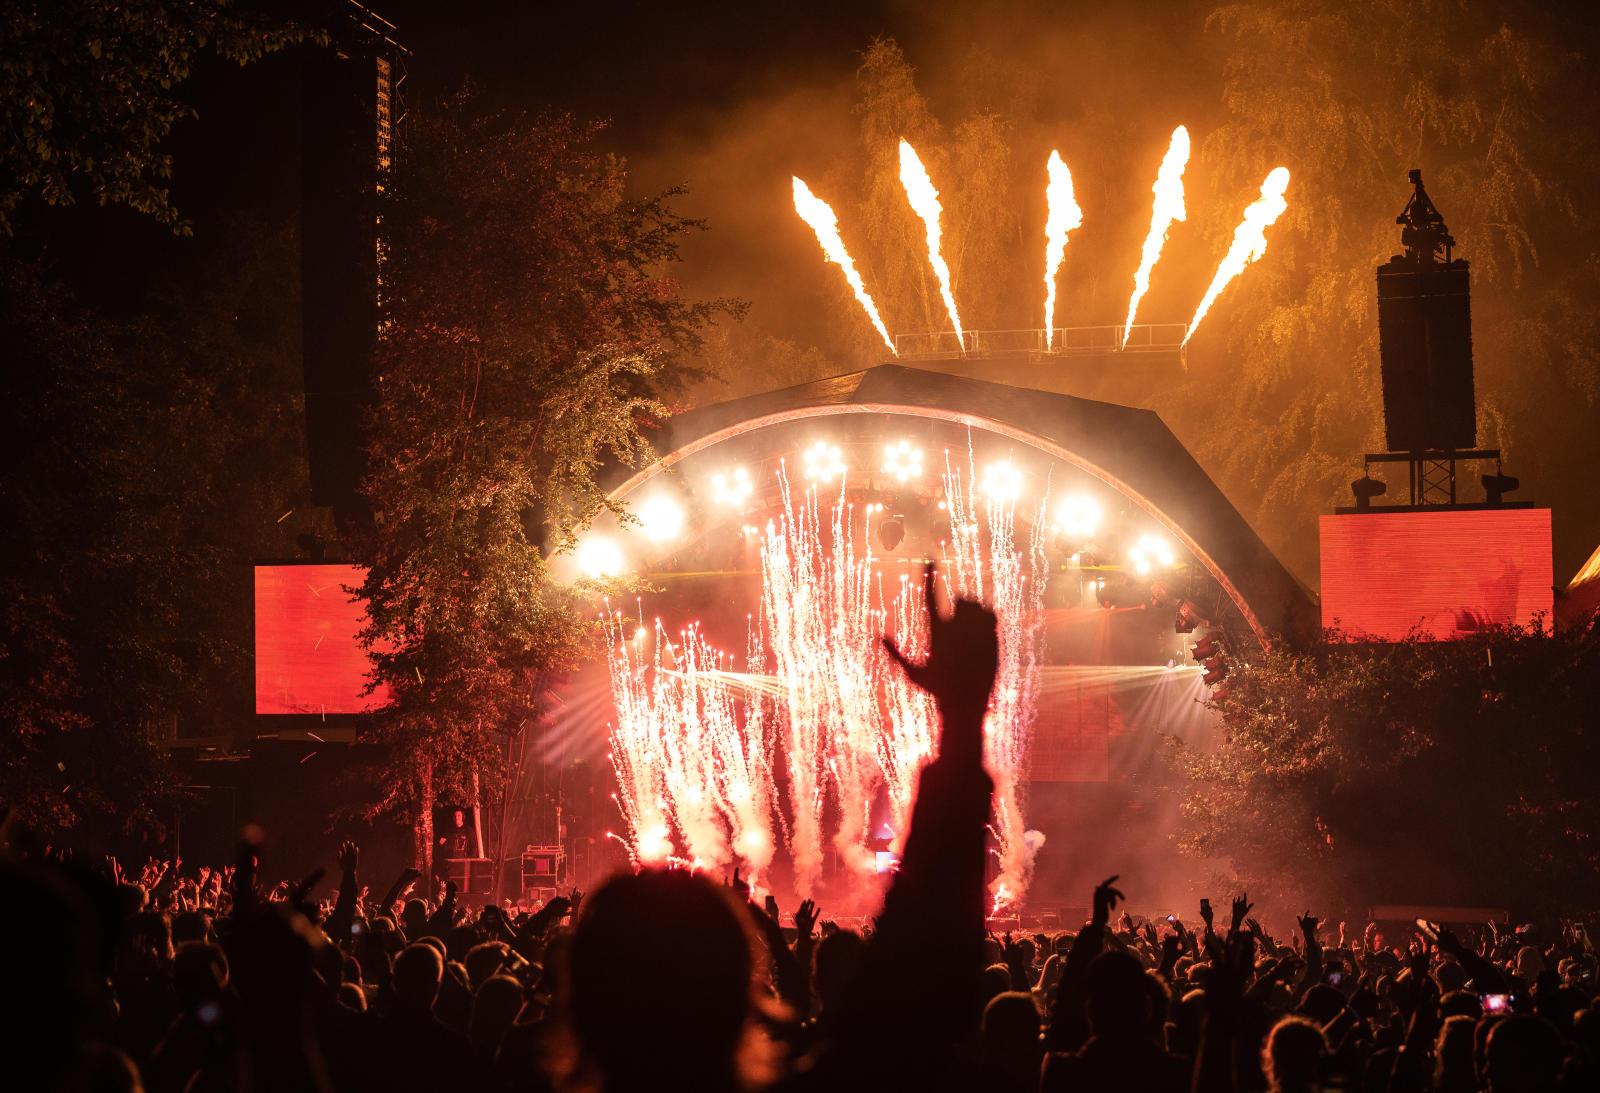 Smukfest satser på fest i bøgeskoven: Håber at åbne med et kæmpe brag